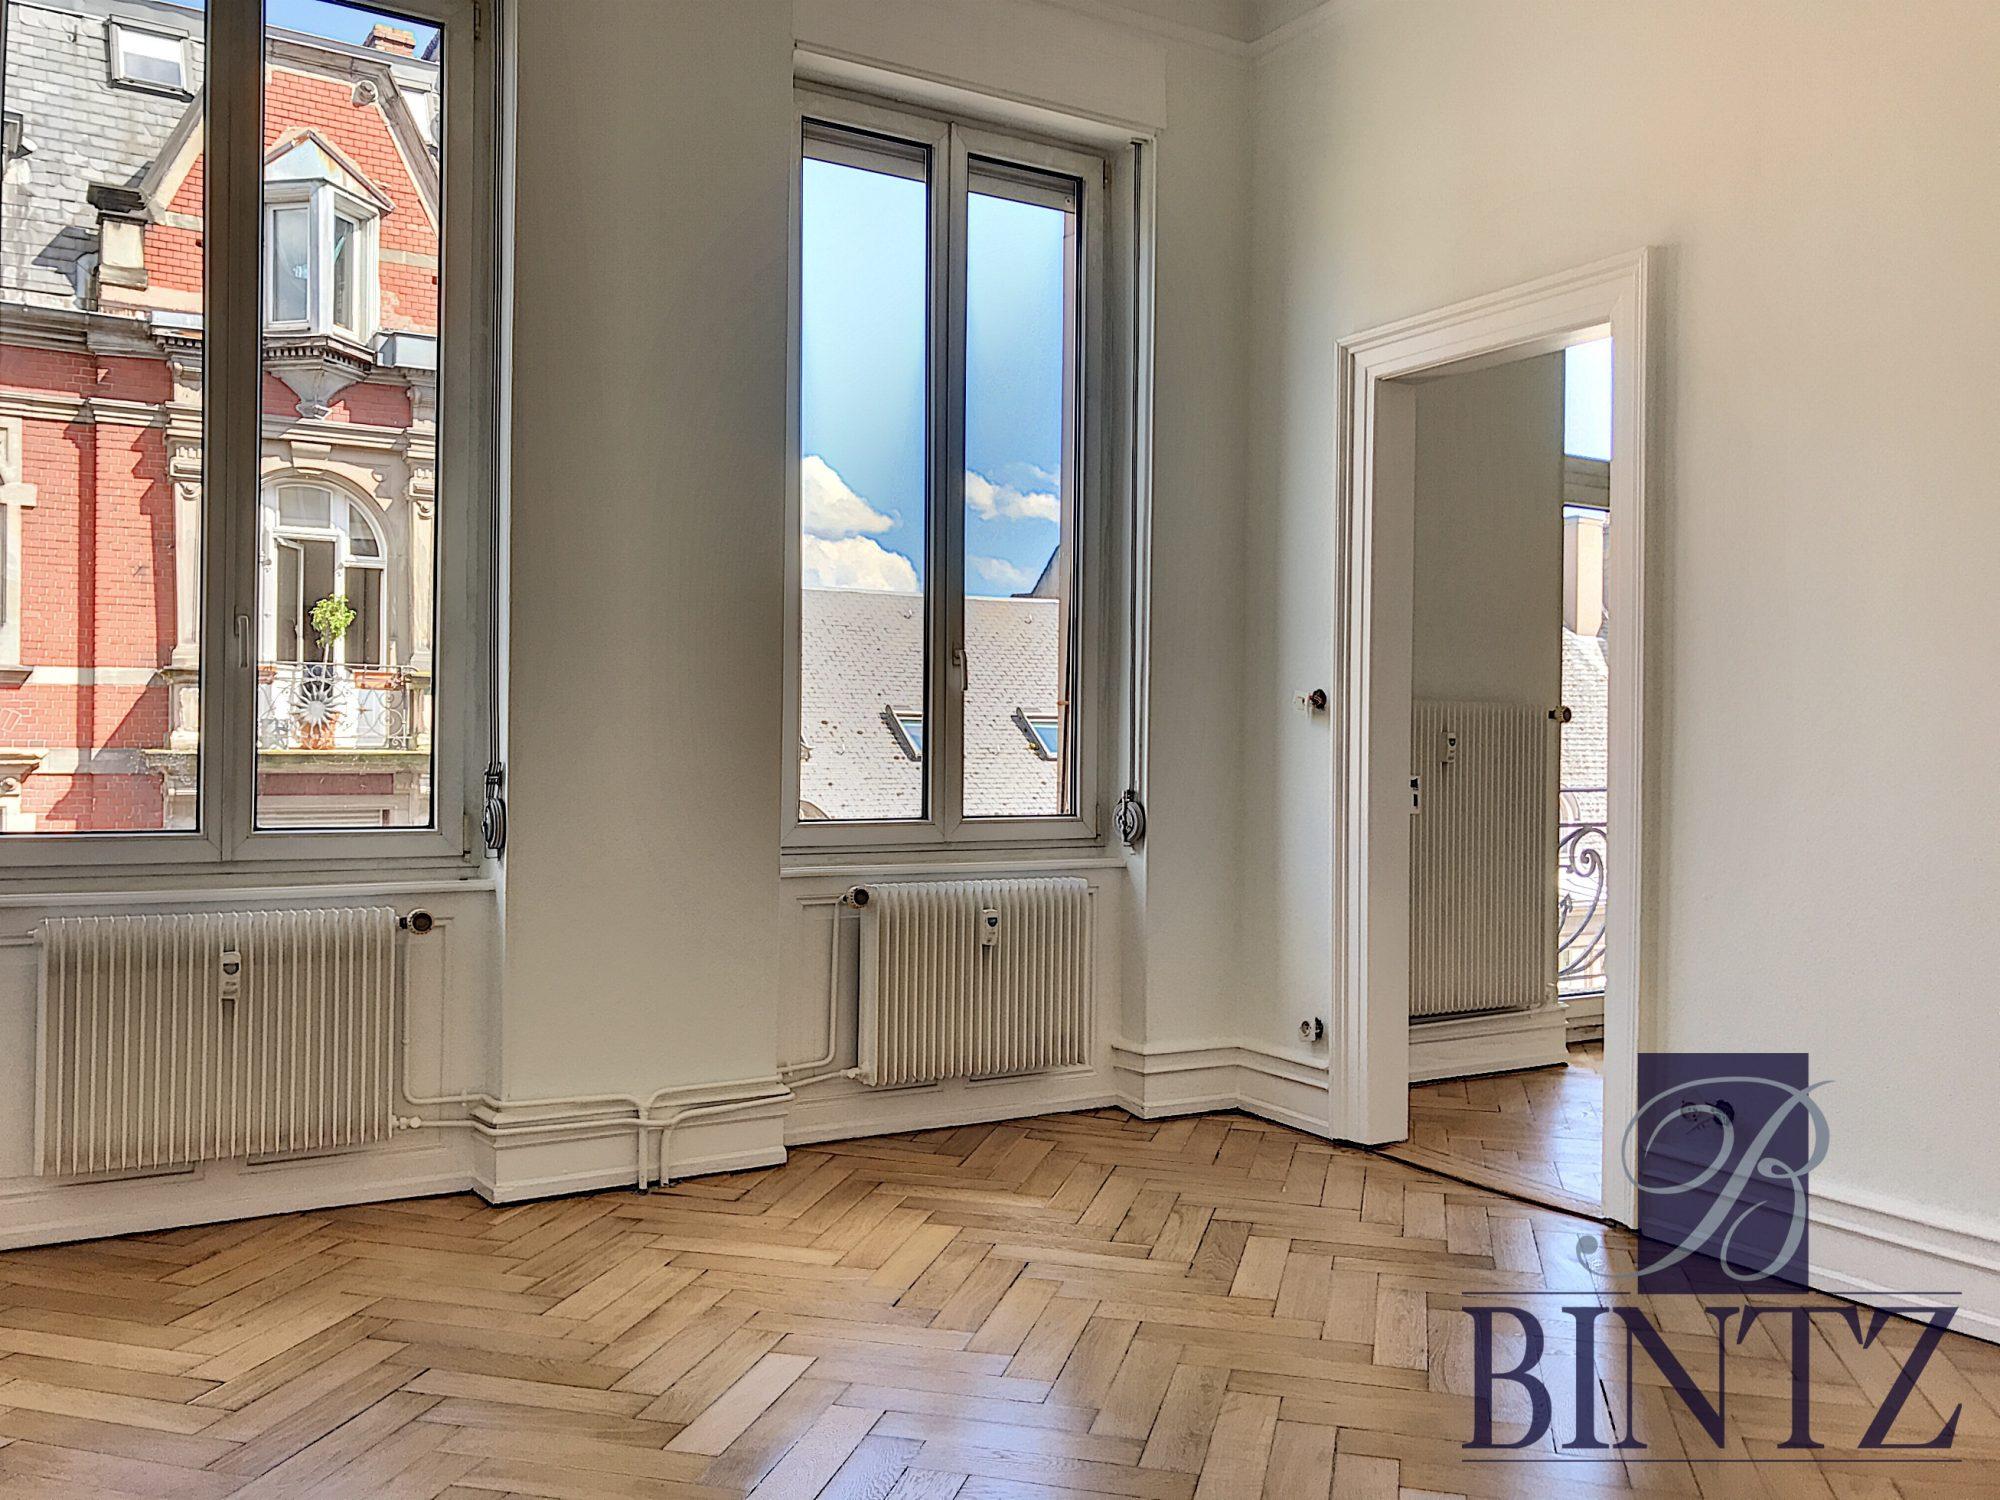 BEAU 4 PIÈCES SECTEUR FORET NOIRE - Devenez locataire en toute sérénité - Bintz Immobilier - 2